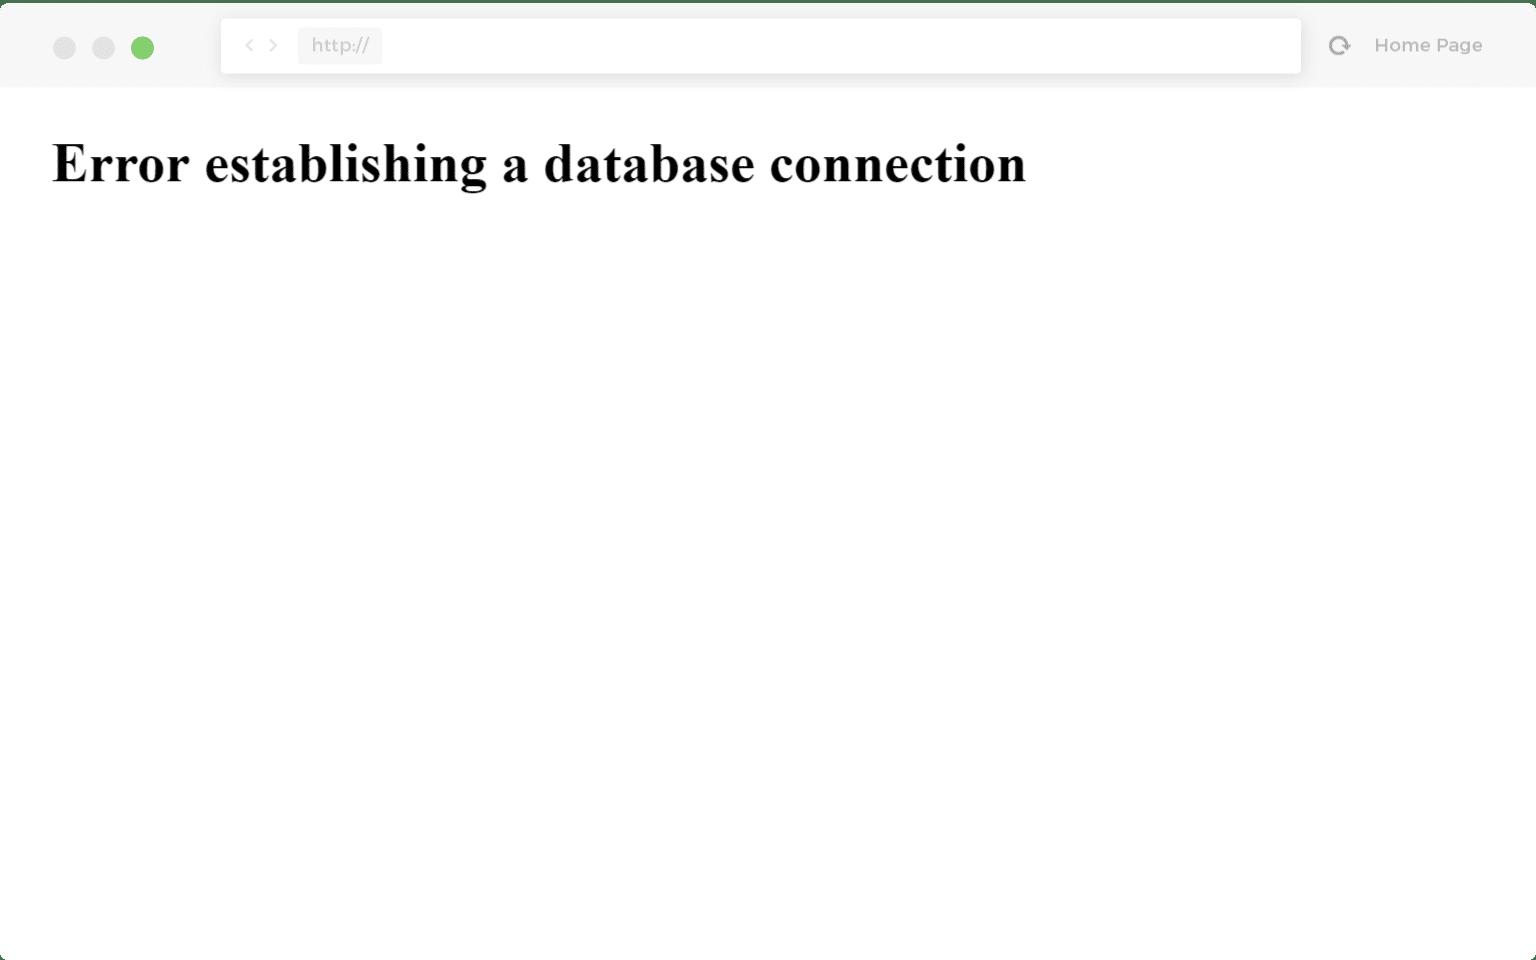 Ejemplo de error al establecer una conexión de base de datos